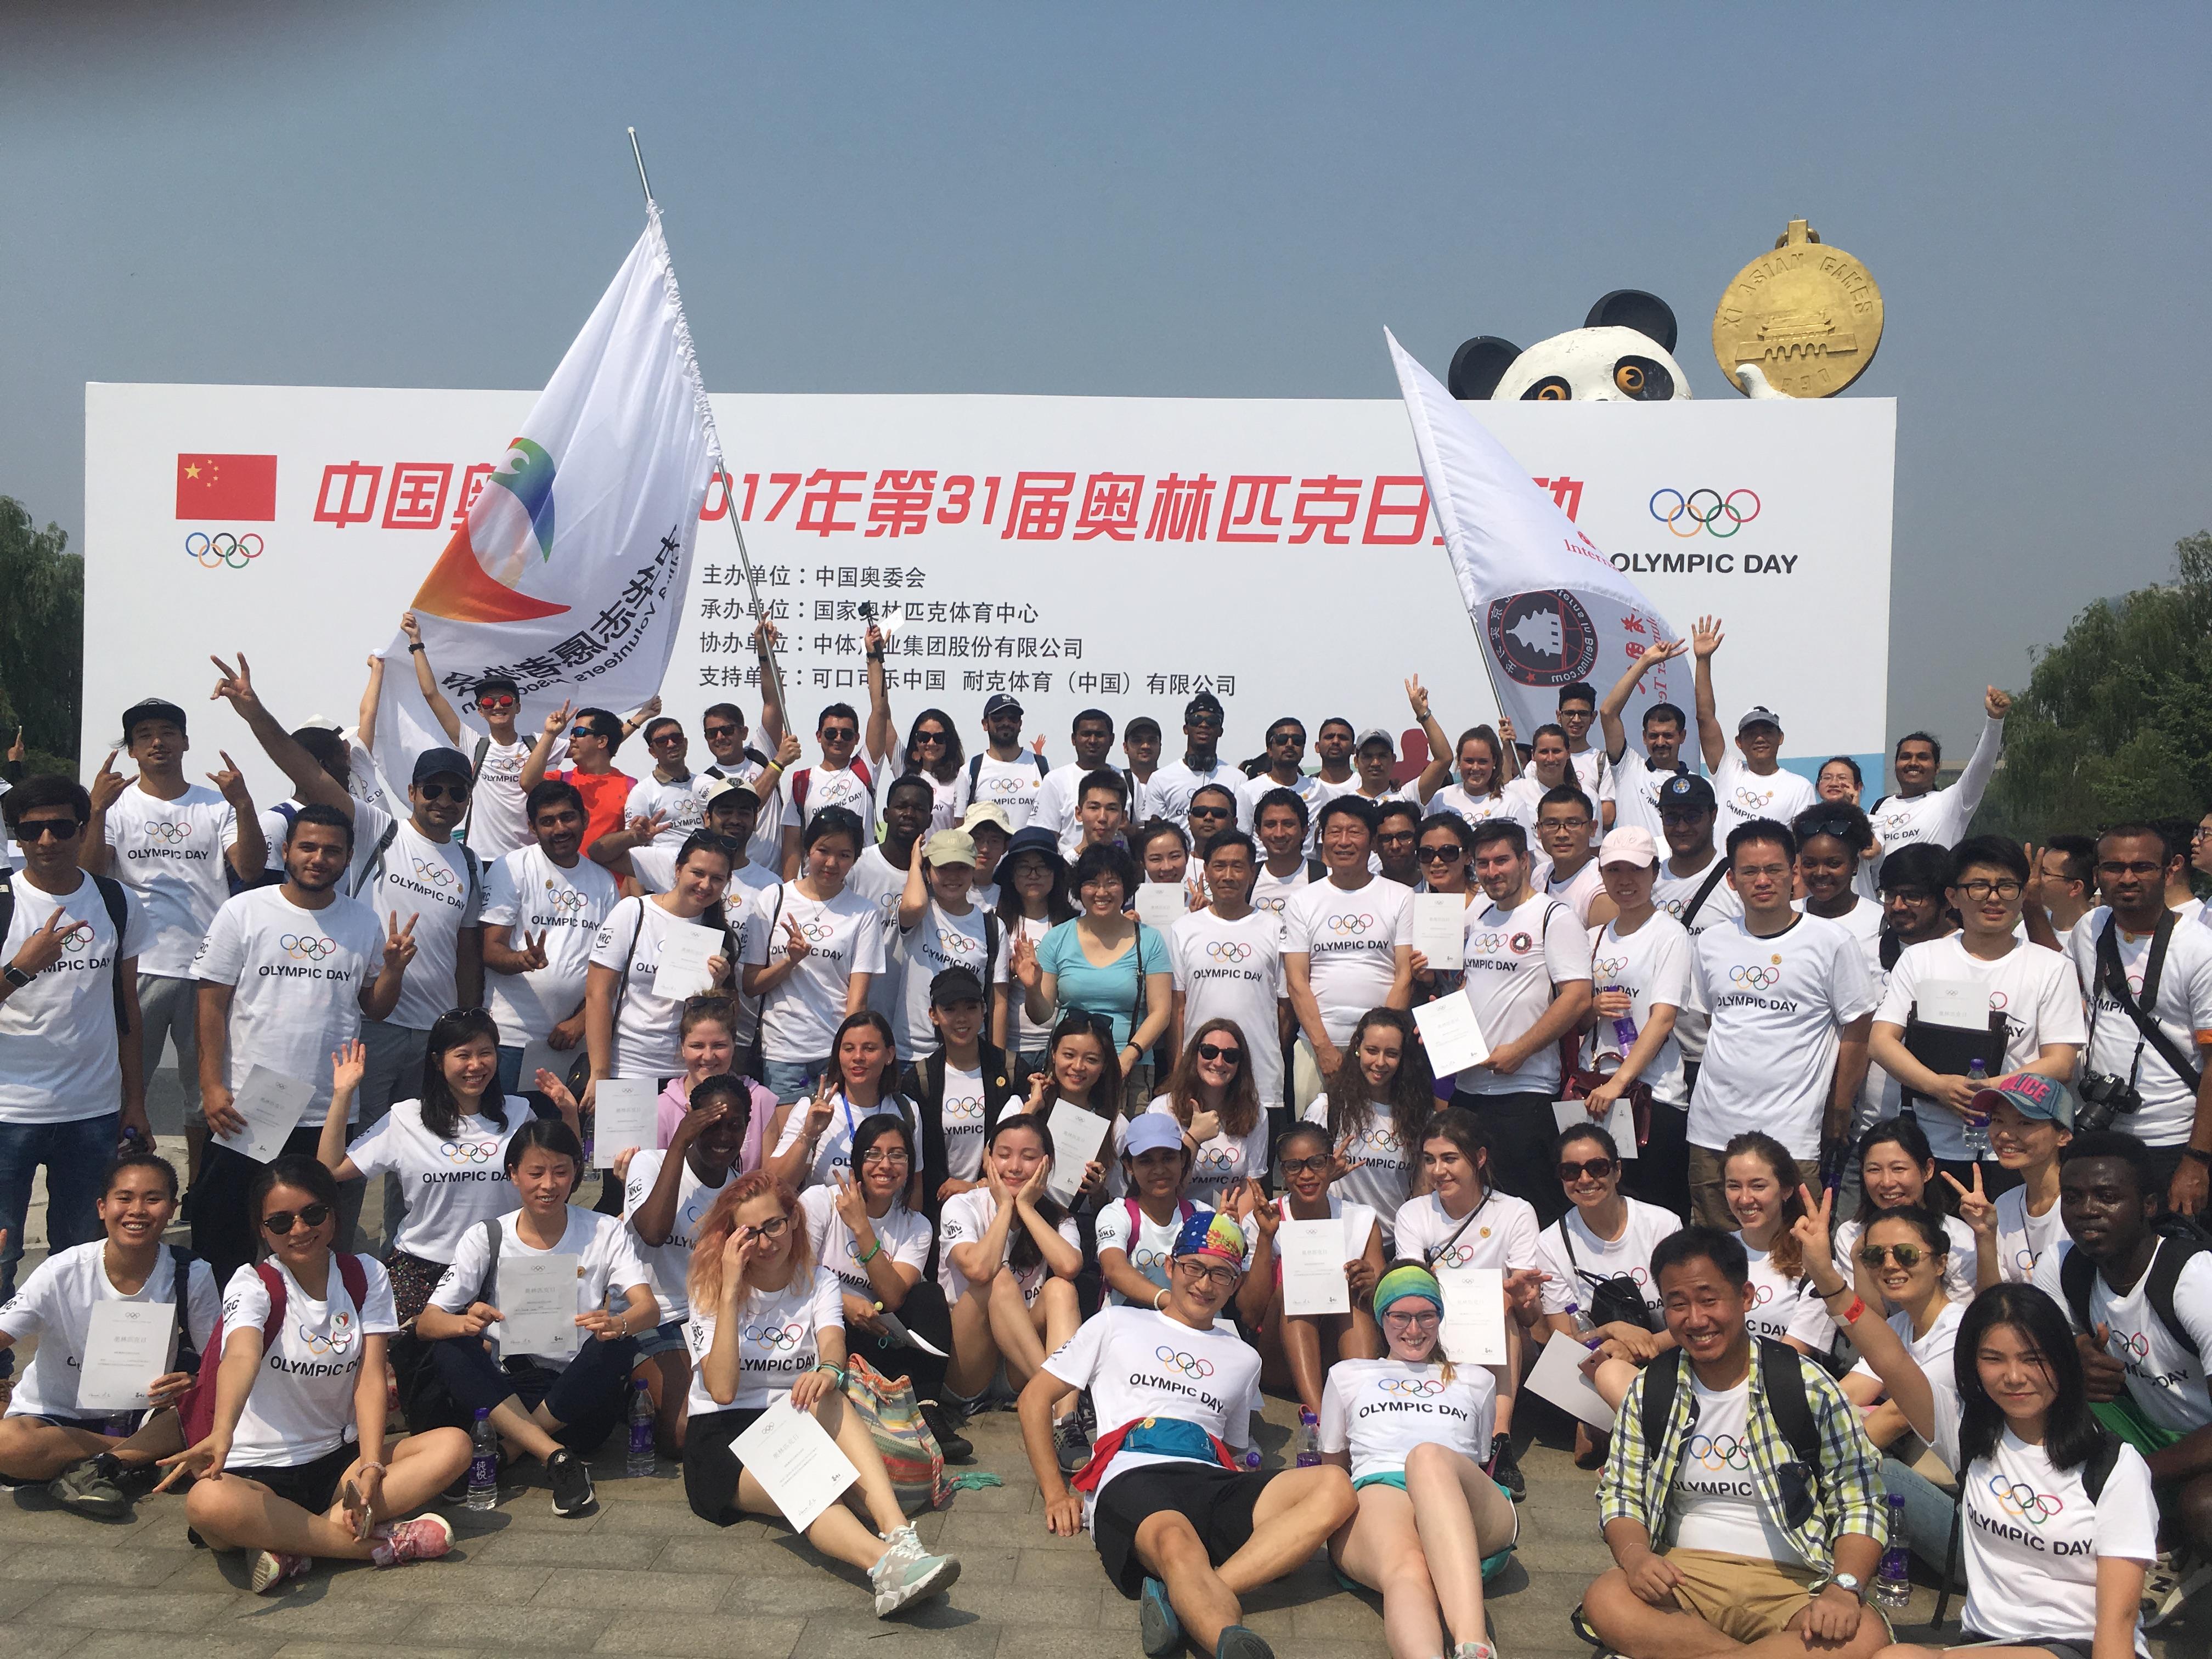 International Volunteers Team Olympic Day